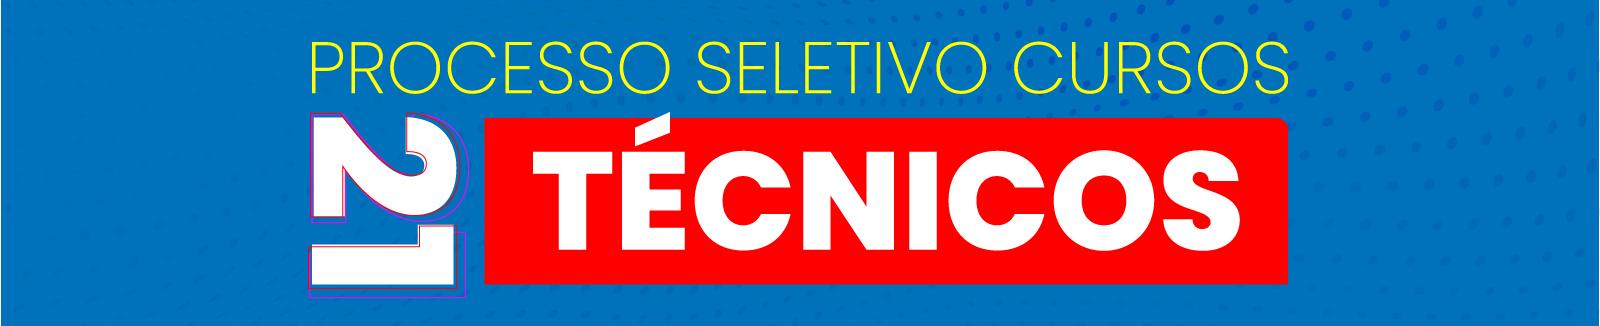 PROCESSO SELETIVO PARA INGRESSO NOS CURSOS TÉCNICOS INTEGRADOS AO ENSINO MÉDIO DO CAMPUS TRINDADE 2021/1